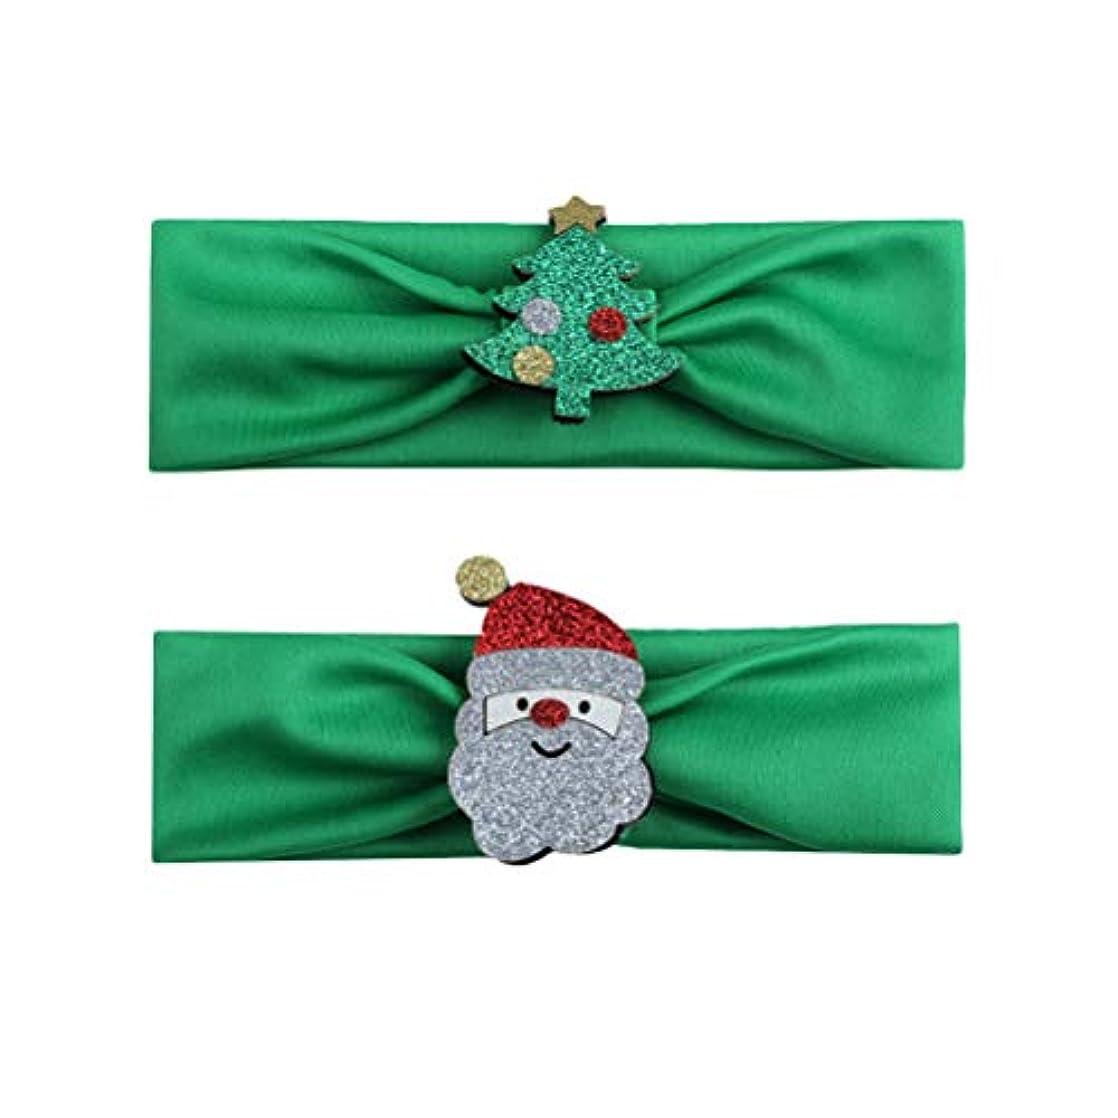 充実質素なゲストBESTOYARD 2本の赤ちゃんの少女クリスマスのヘッドバンド、クリスマスツリーサンタクロースの幼児ヘアバンドアクセサリー(グリーン)